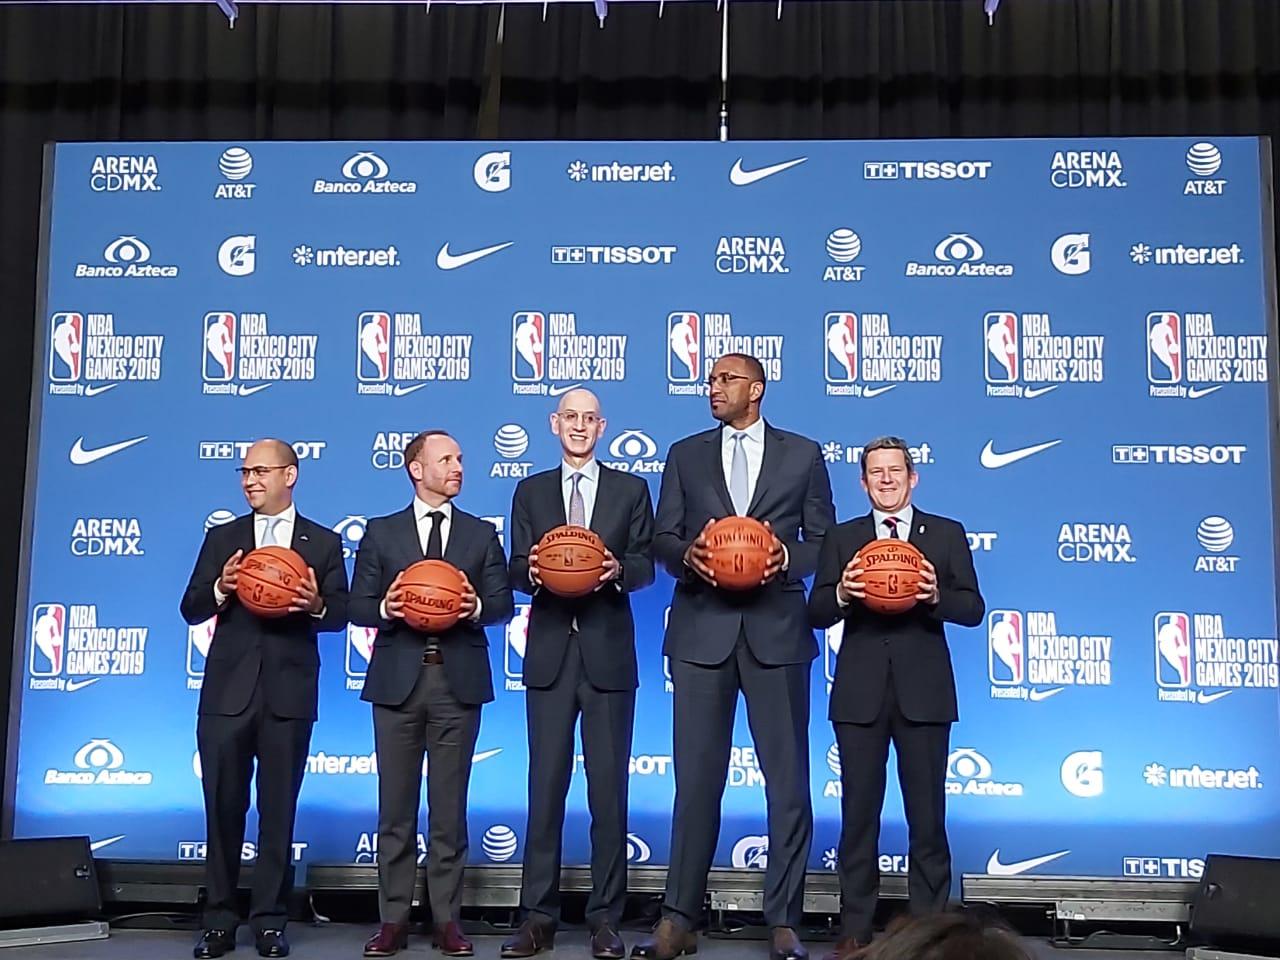 Capitanes de CDMX se convierte en el primer equipo de NBA G League